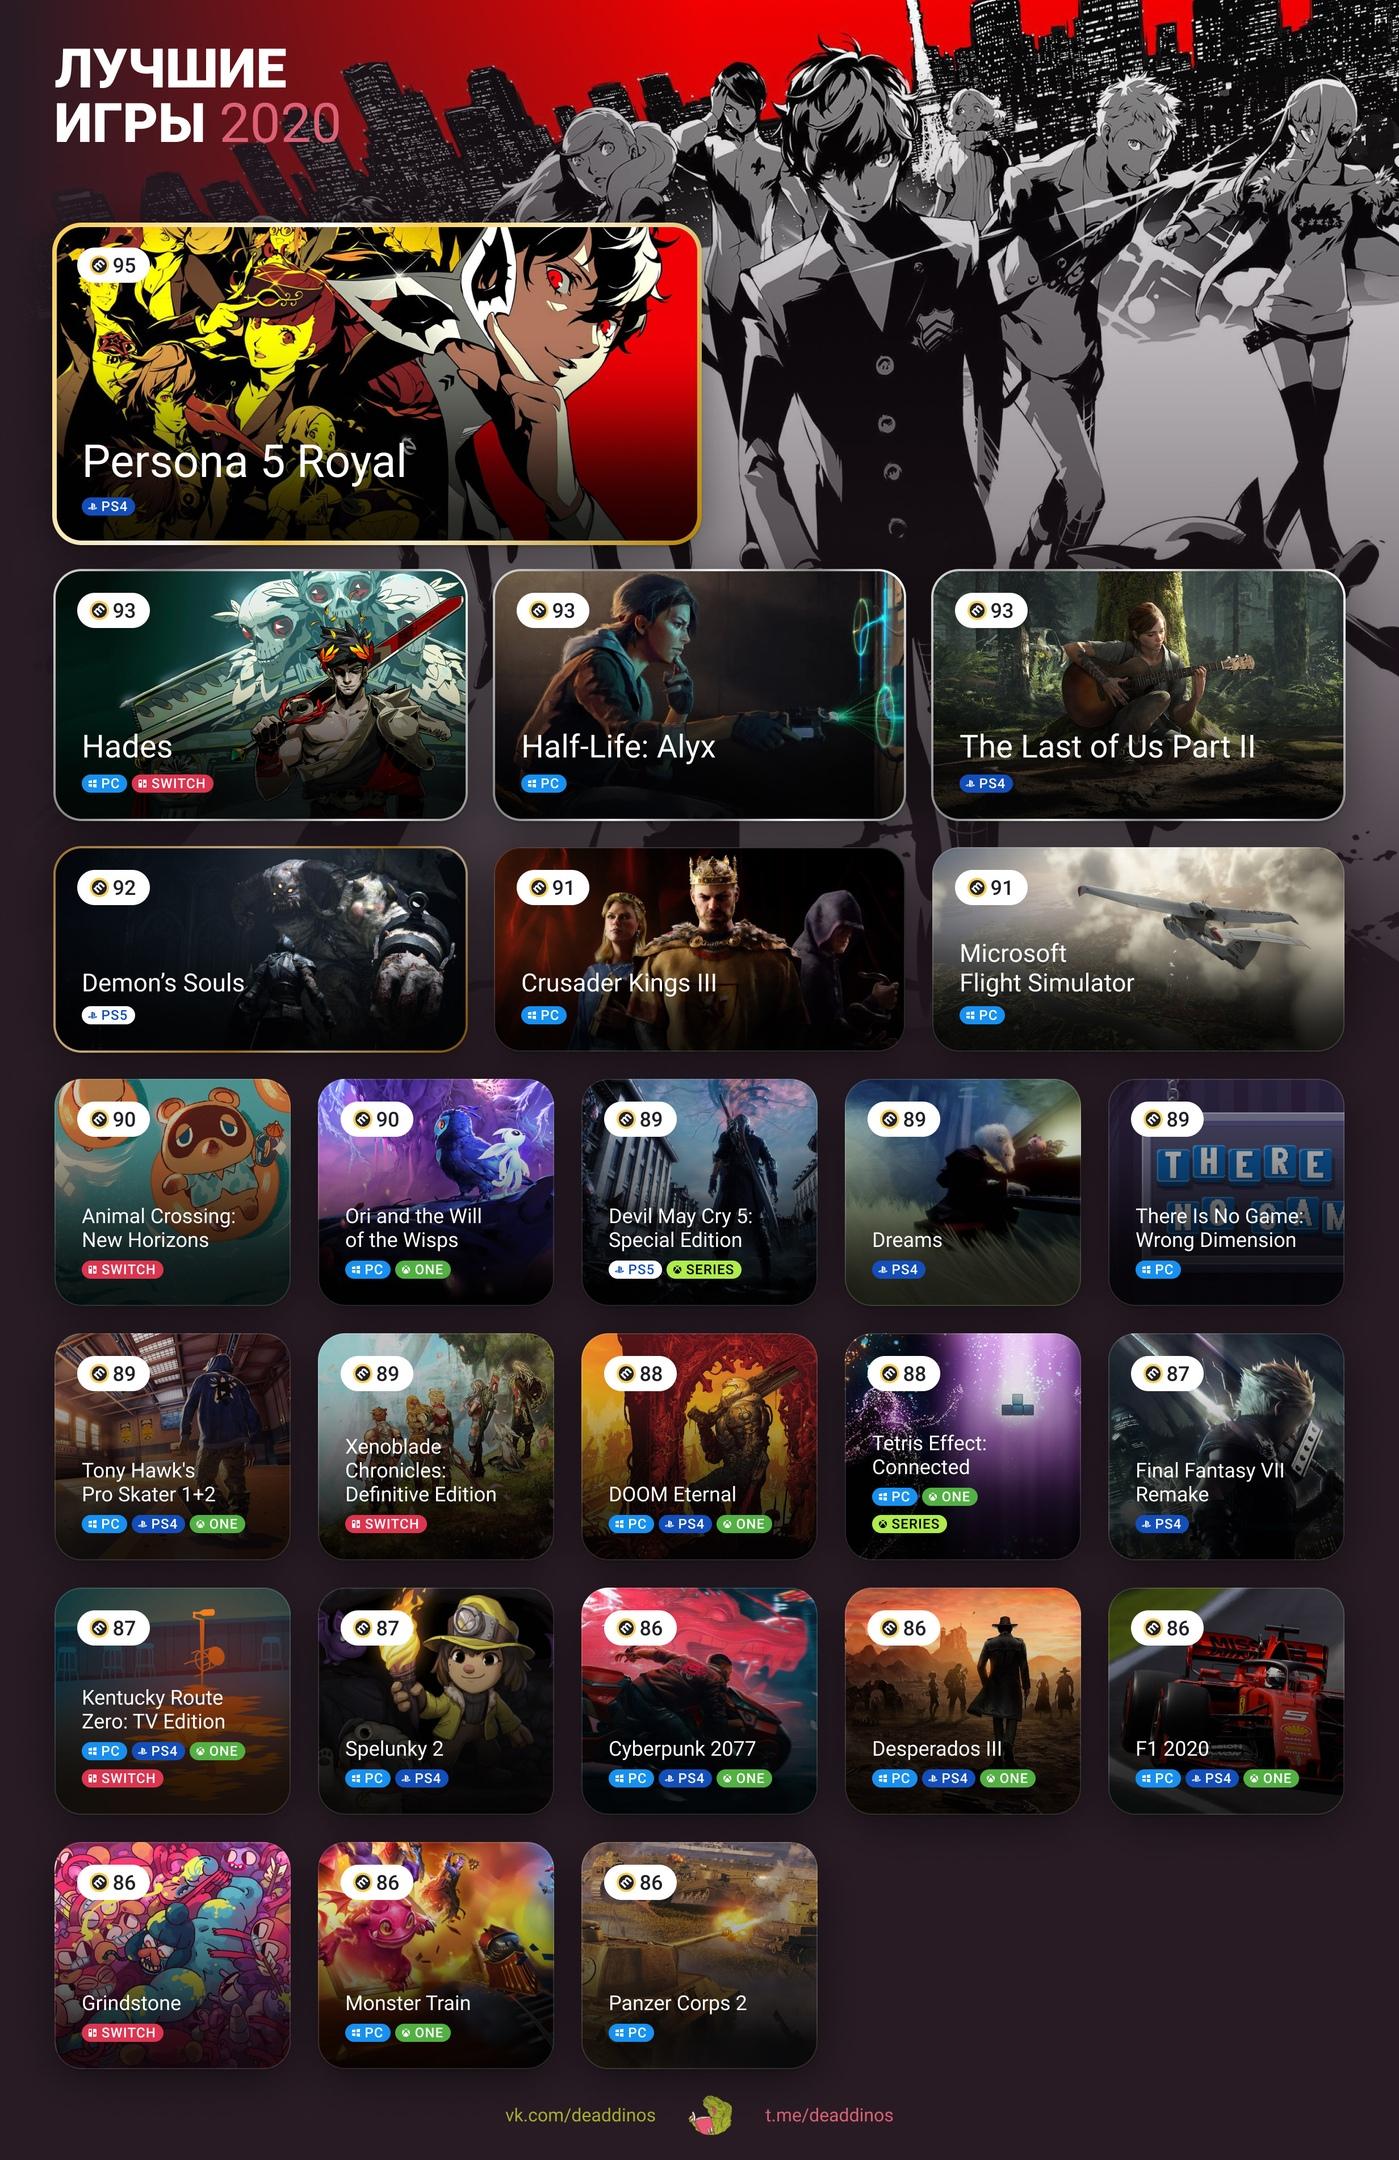 Лучшие игры 2020 года. Deaddinos - изображение 1